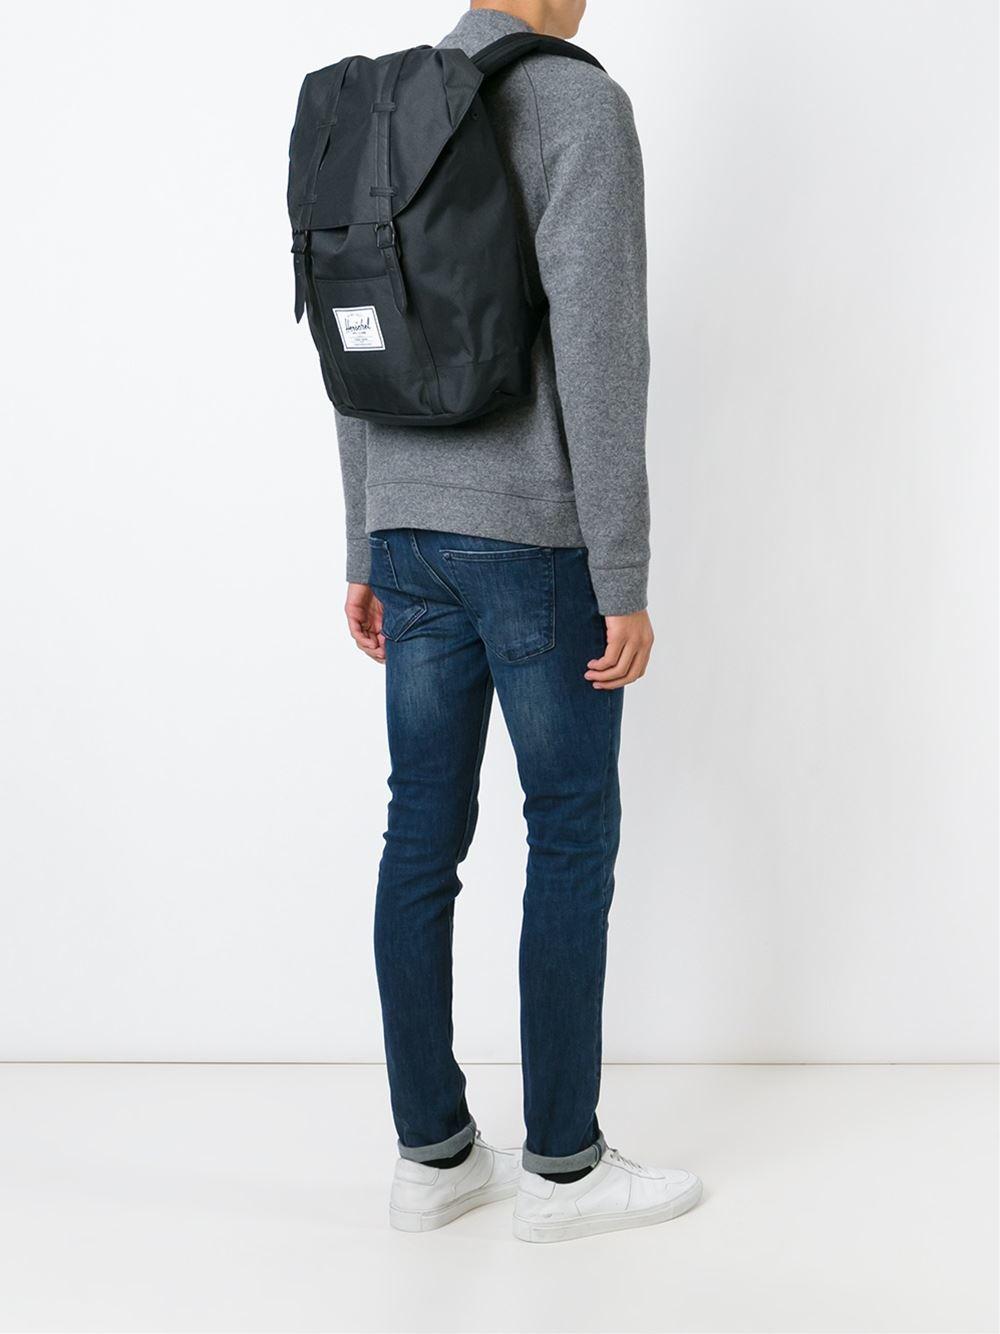 zniżki z fabryki zamówienie Nowe Produkty Retreat Backpack